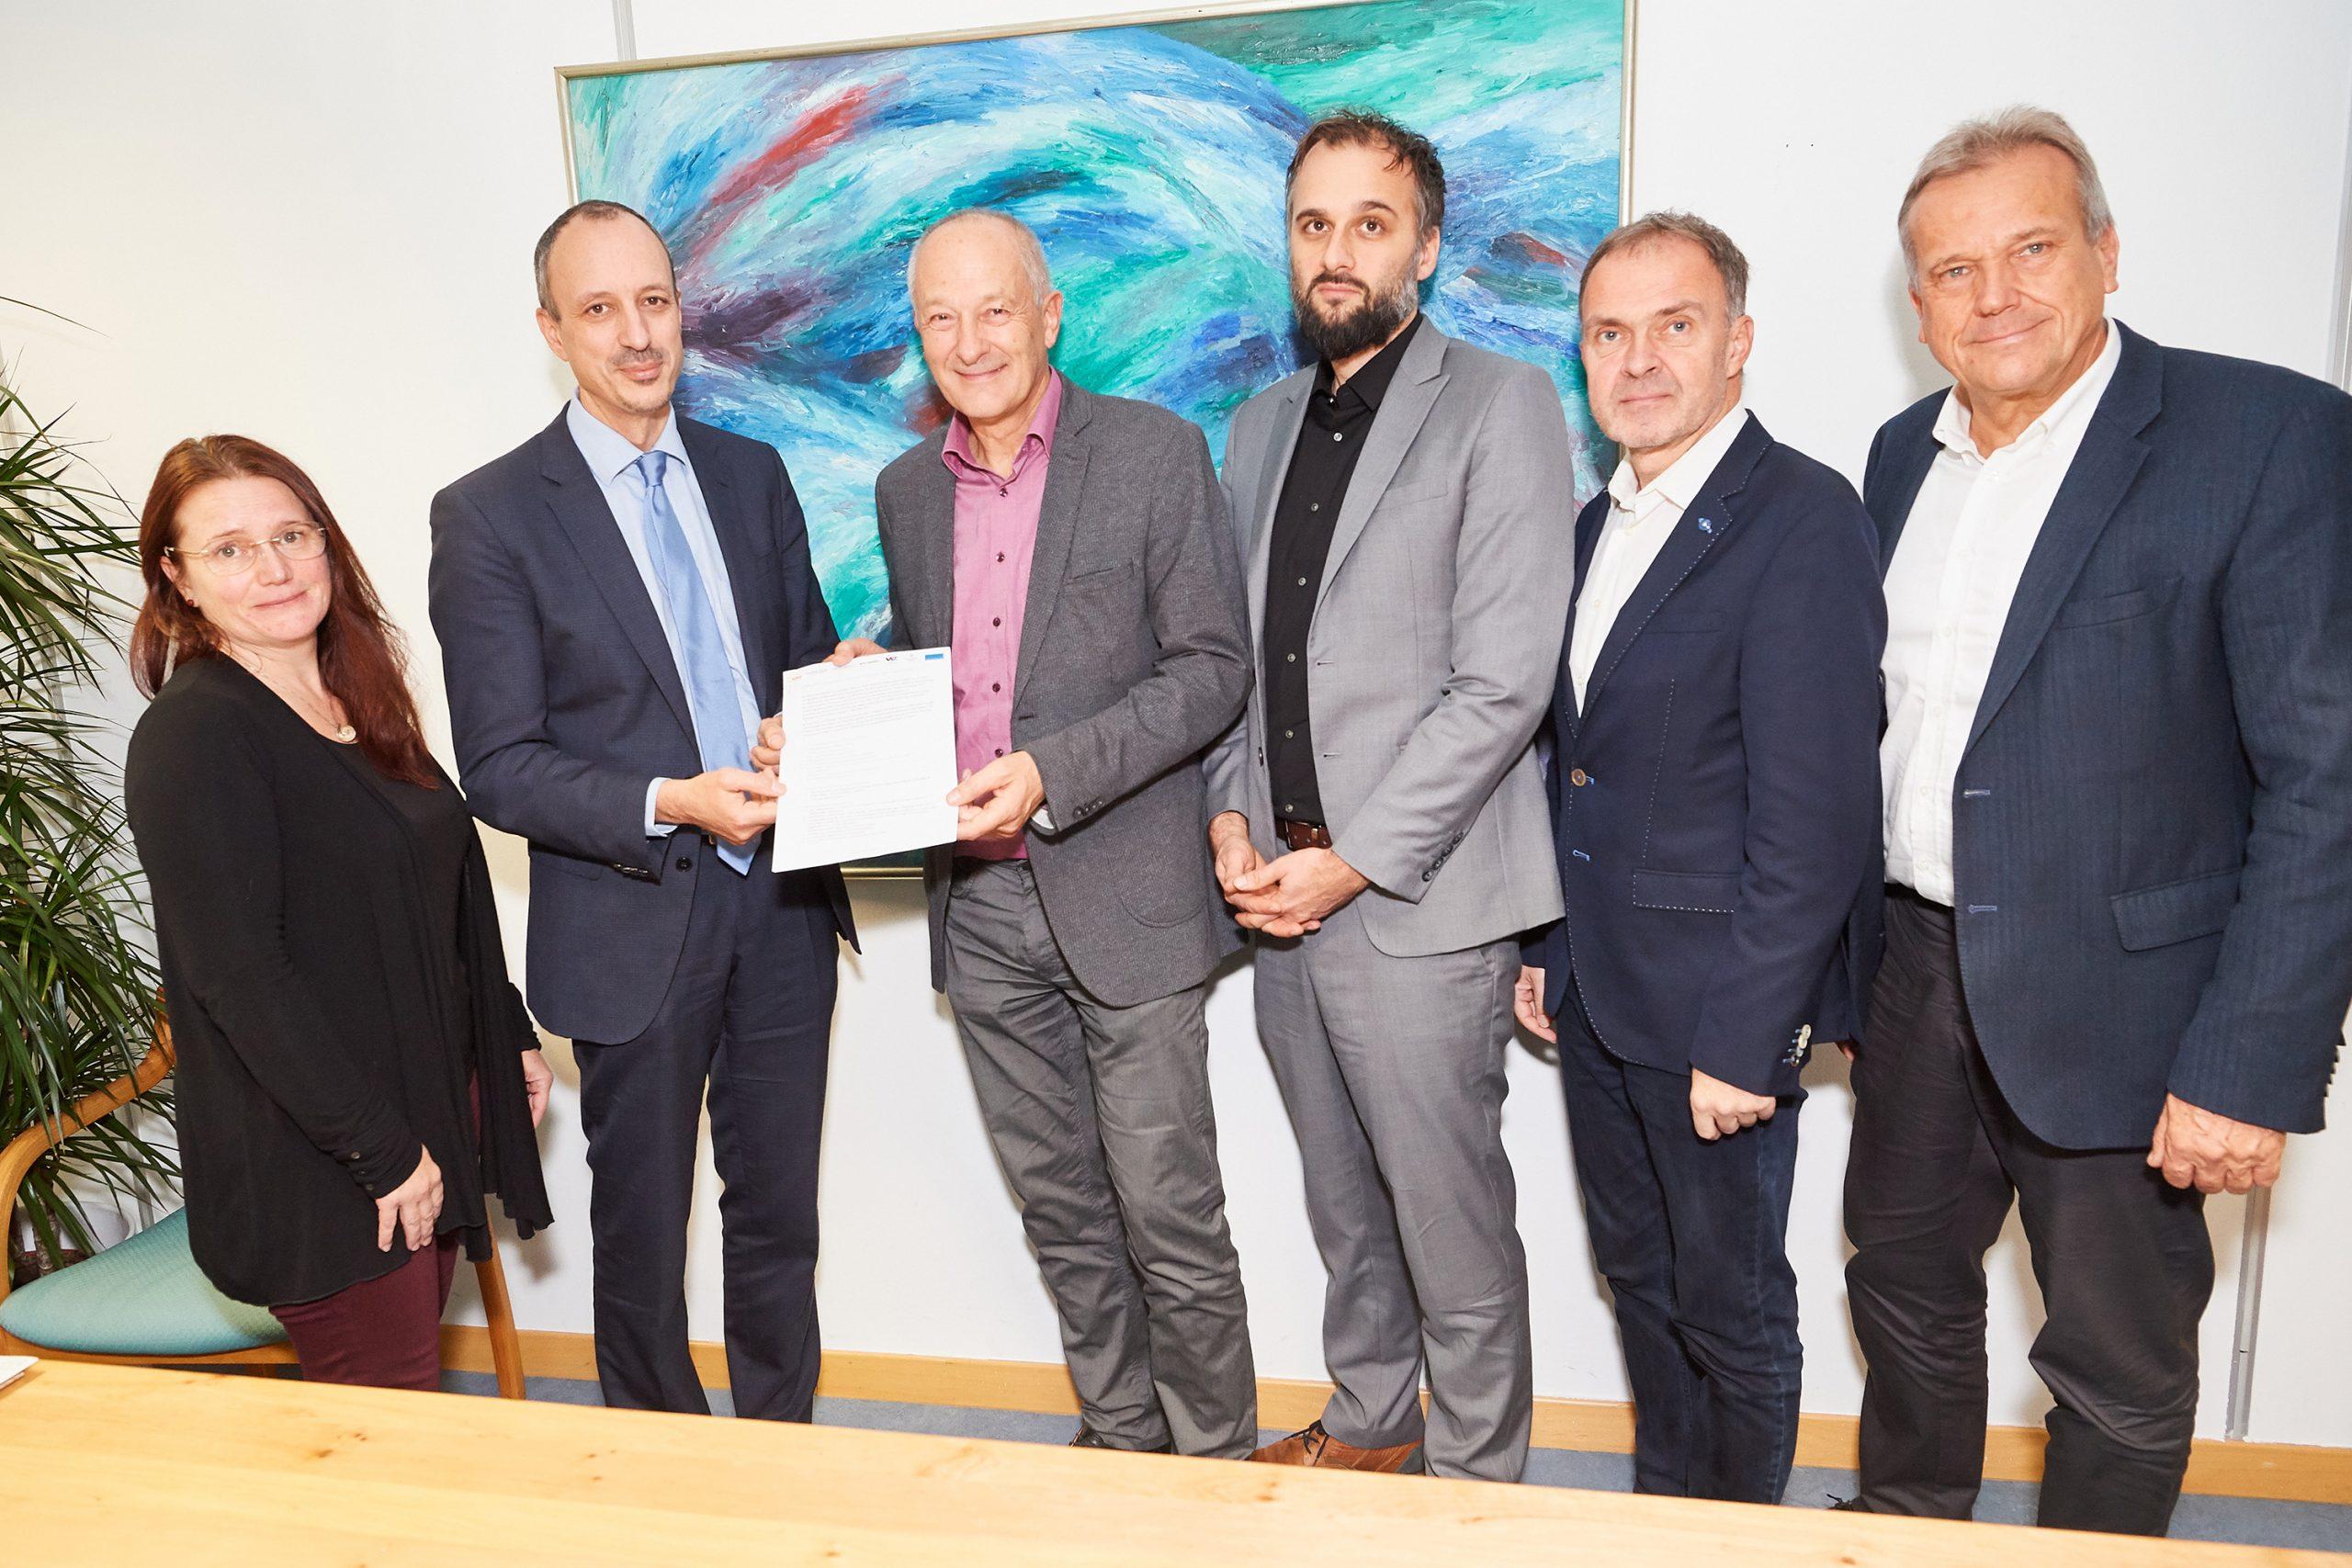 Roger Hackstock von Austria Solar und die übrigen Verbände der Wärmewirtschaft übergeben Jürgen Schneider das Maßnahmenpaket